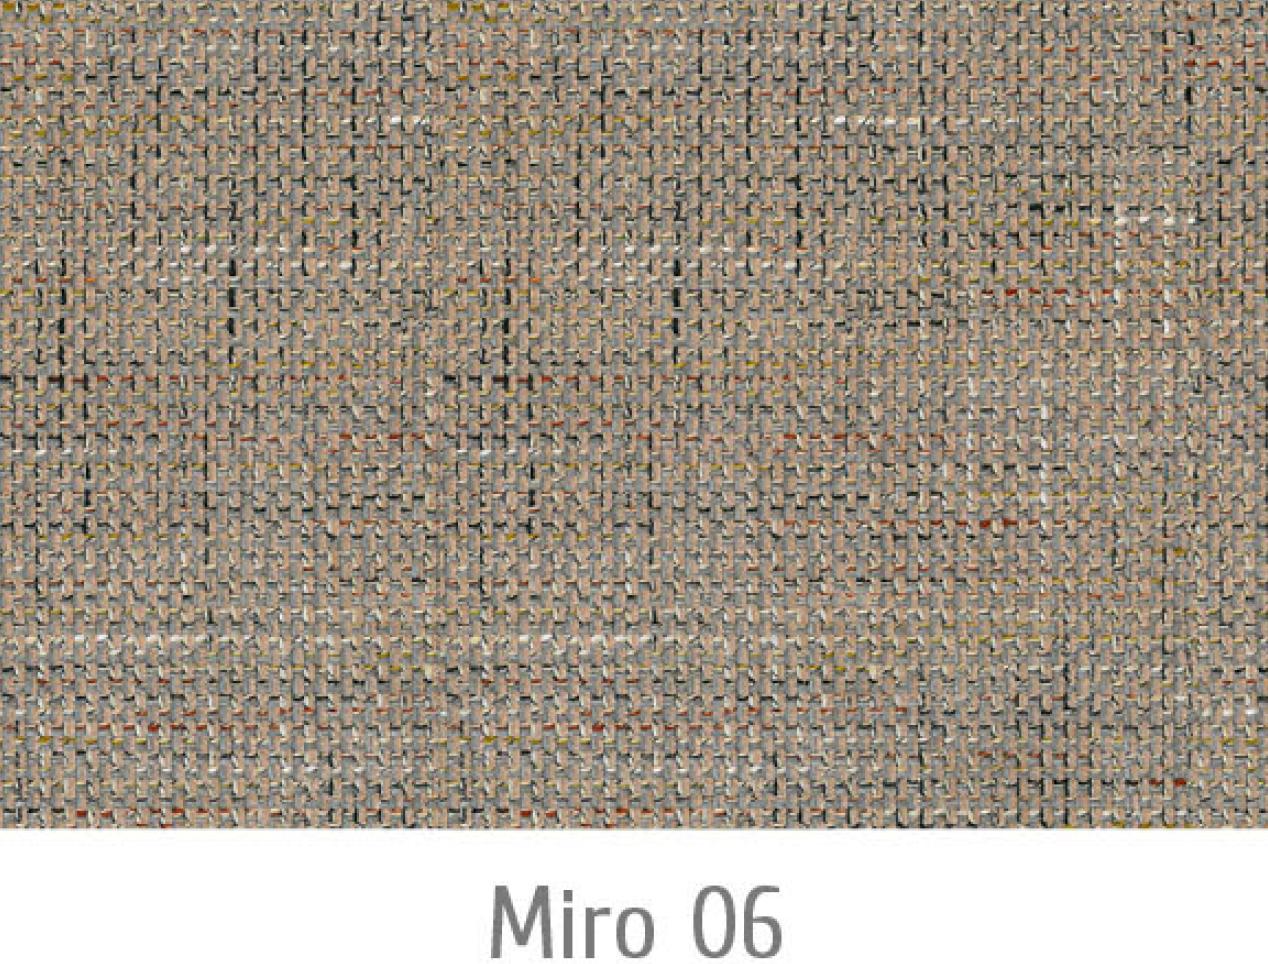 Miro06